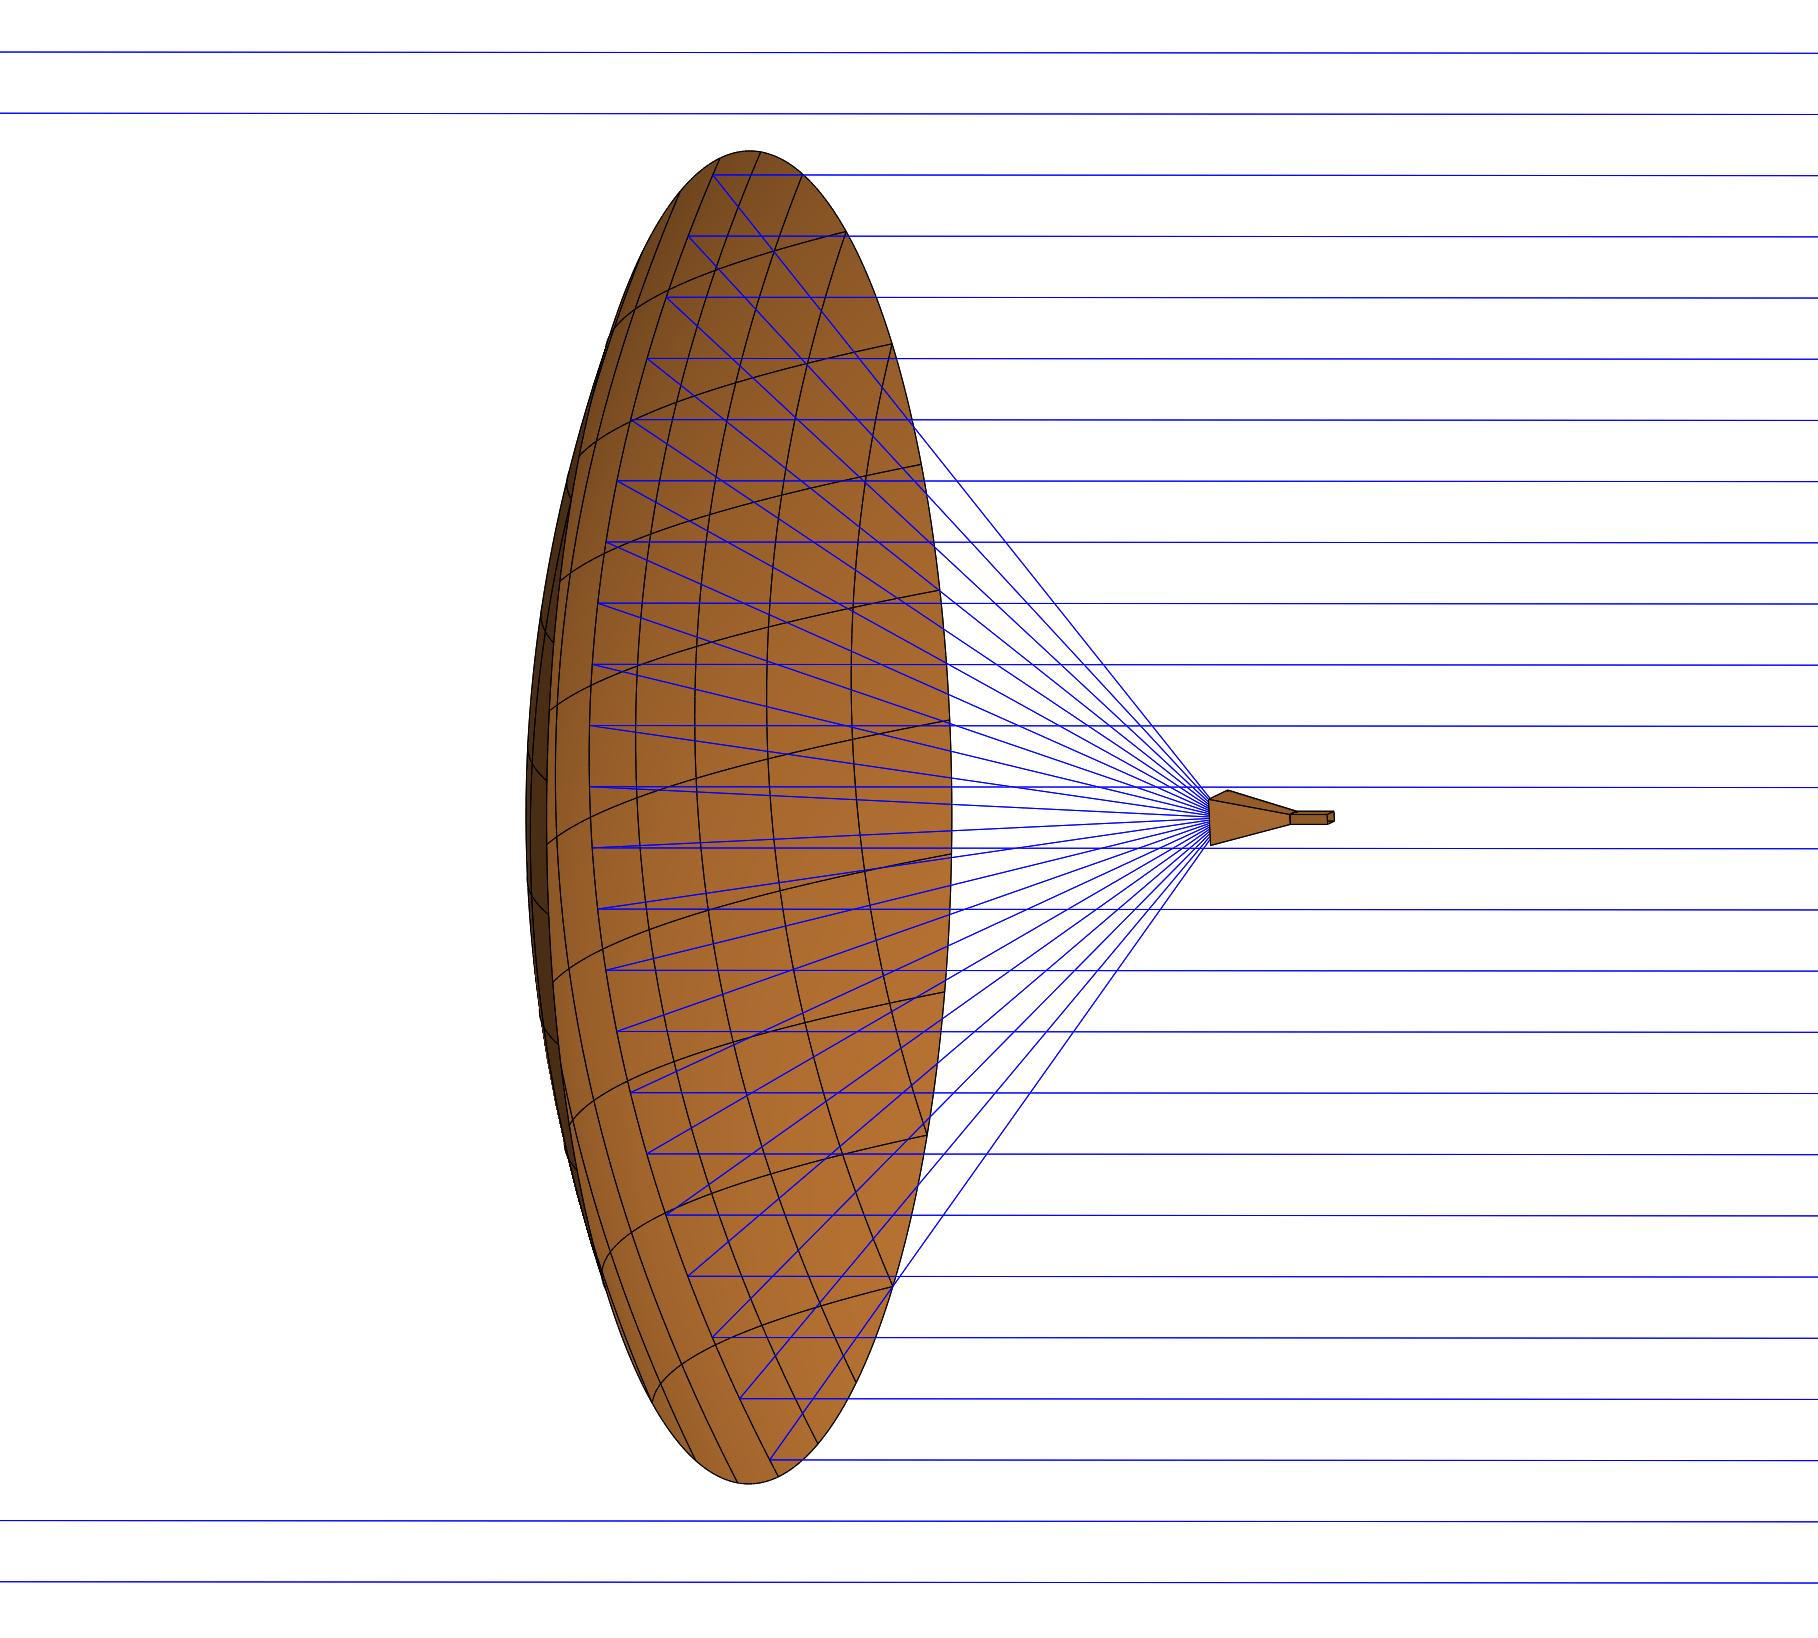 Abbildung 2: Parabolspiegel mit einer planaren Welle, die orthogonal auf die Reflektorapertur auftrifft.